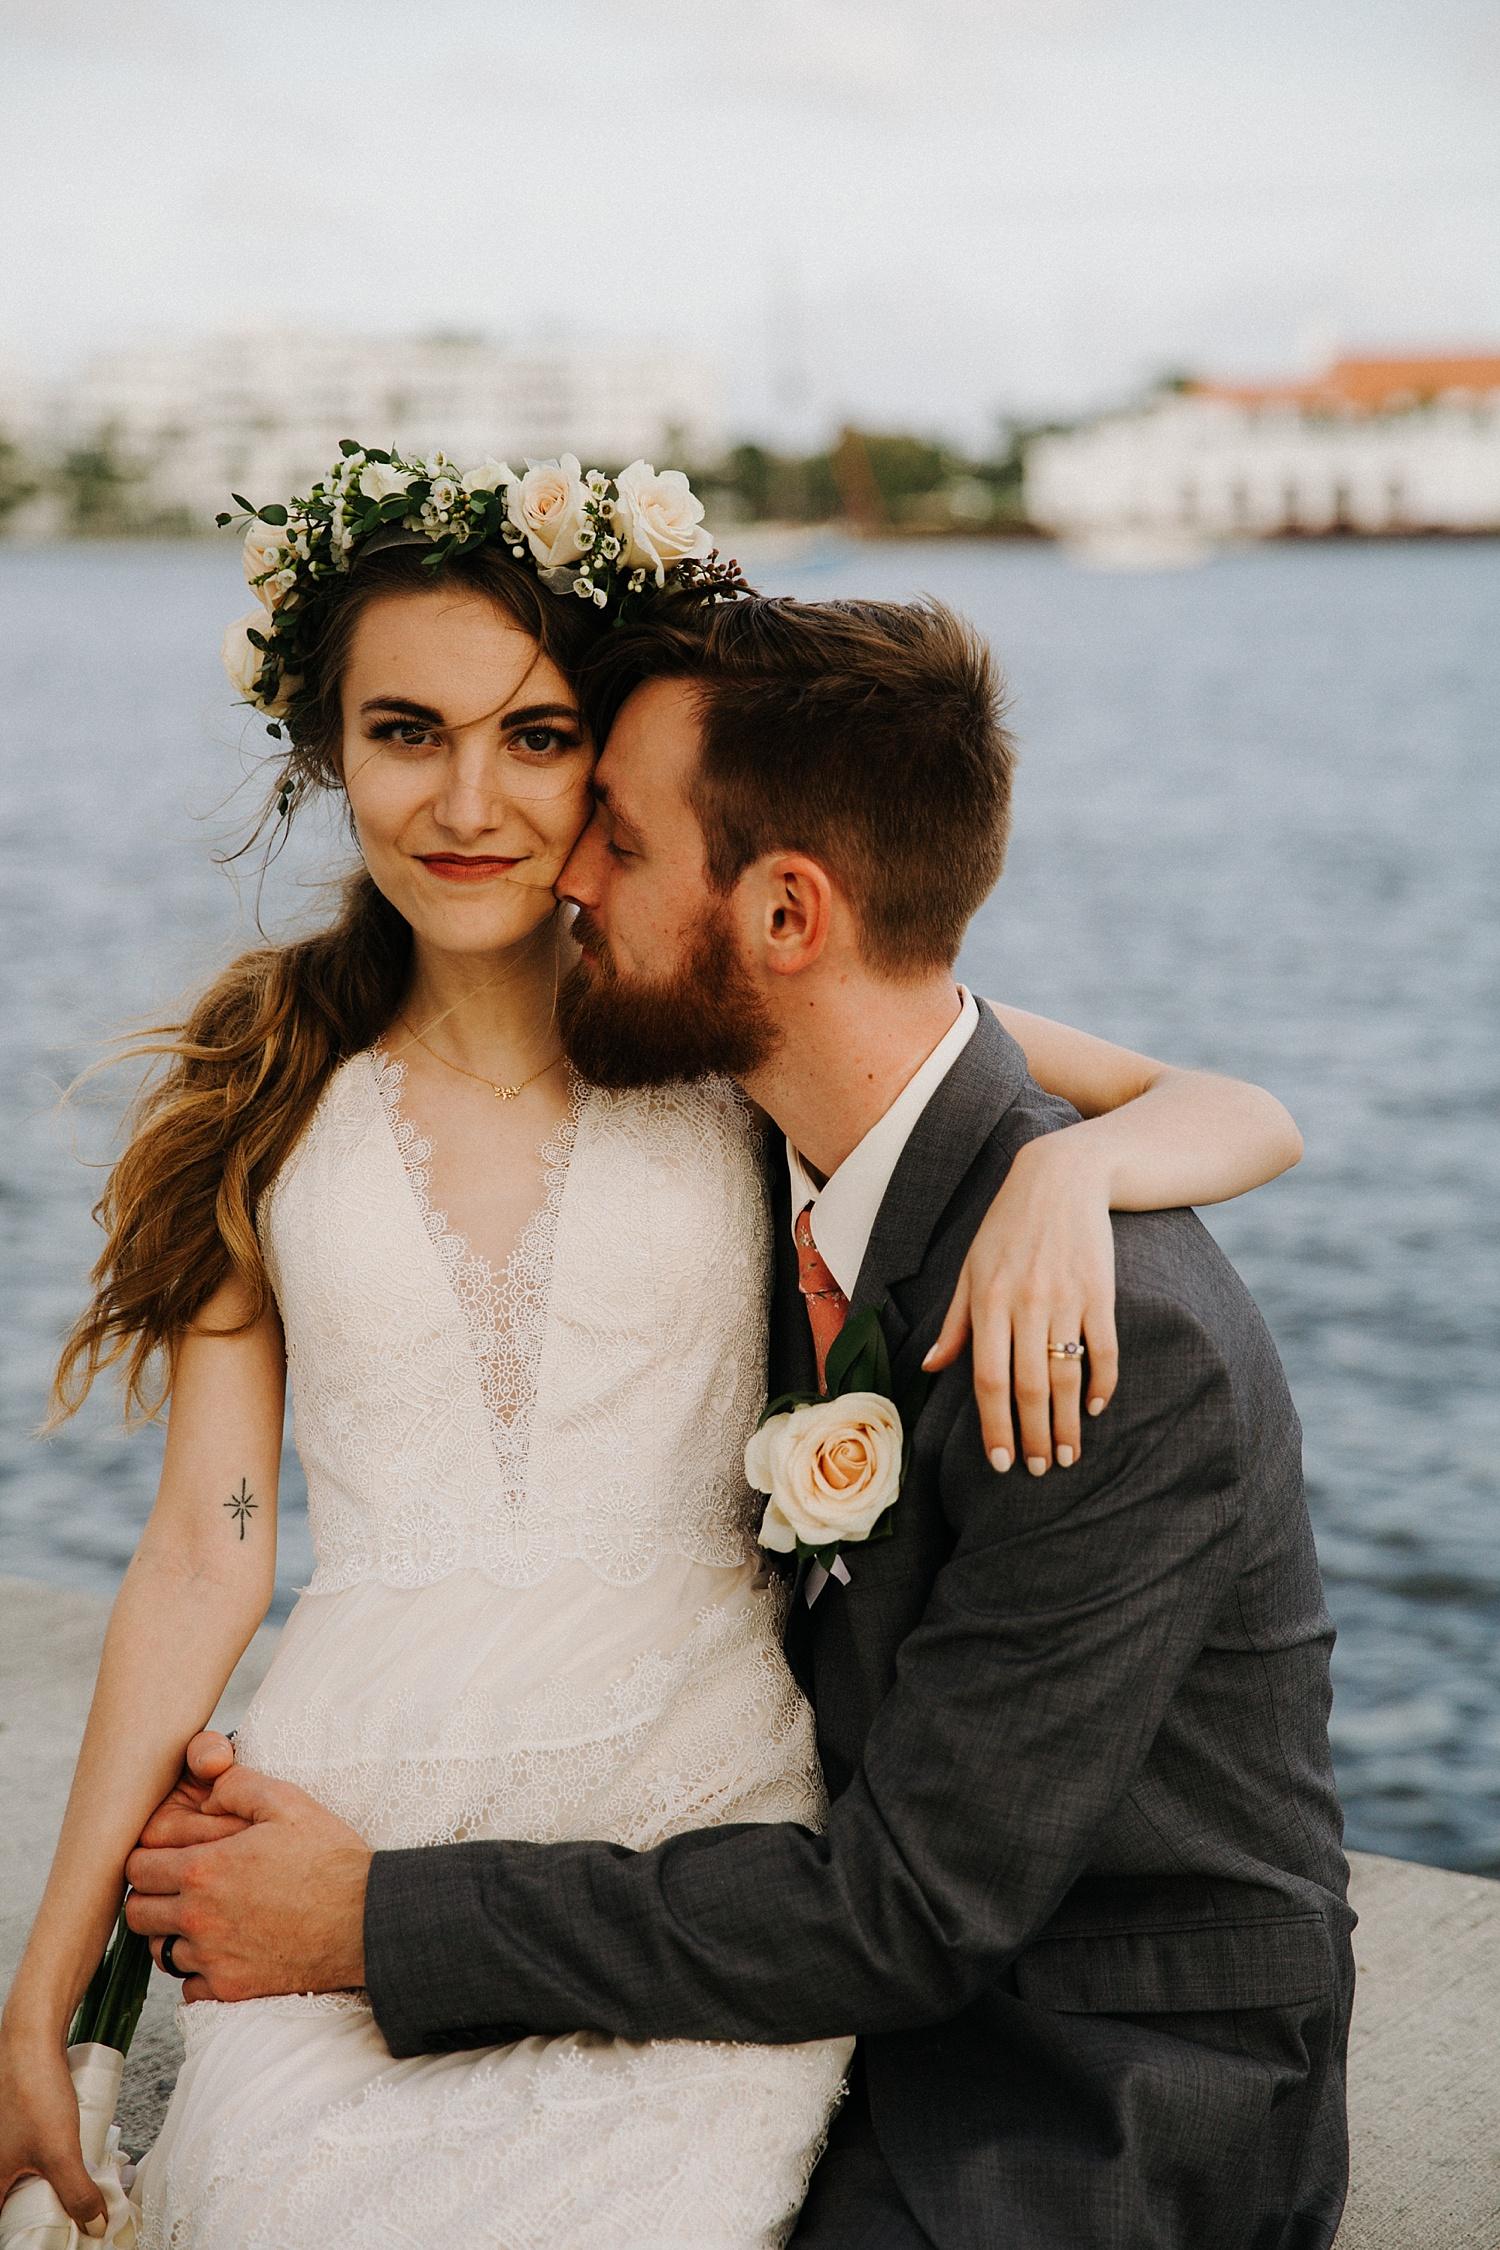 Peter + Kareena Rineer Downtown West Palm Beach December Wedding 2018_0039.jpg